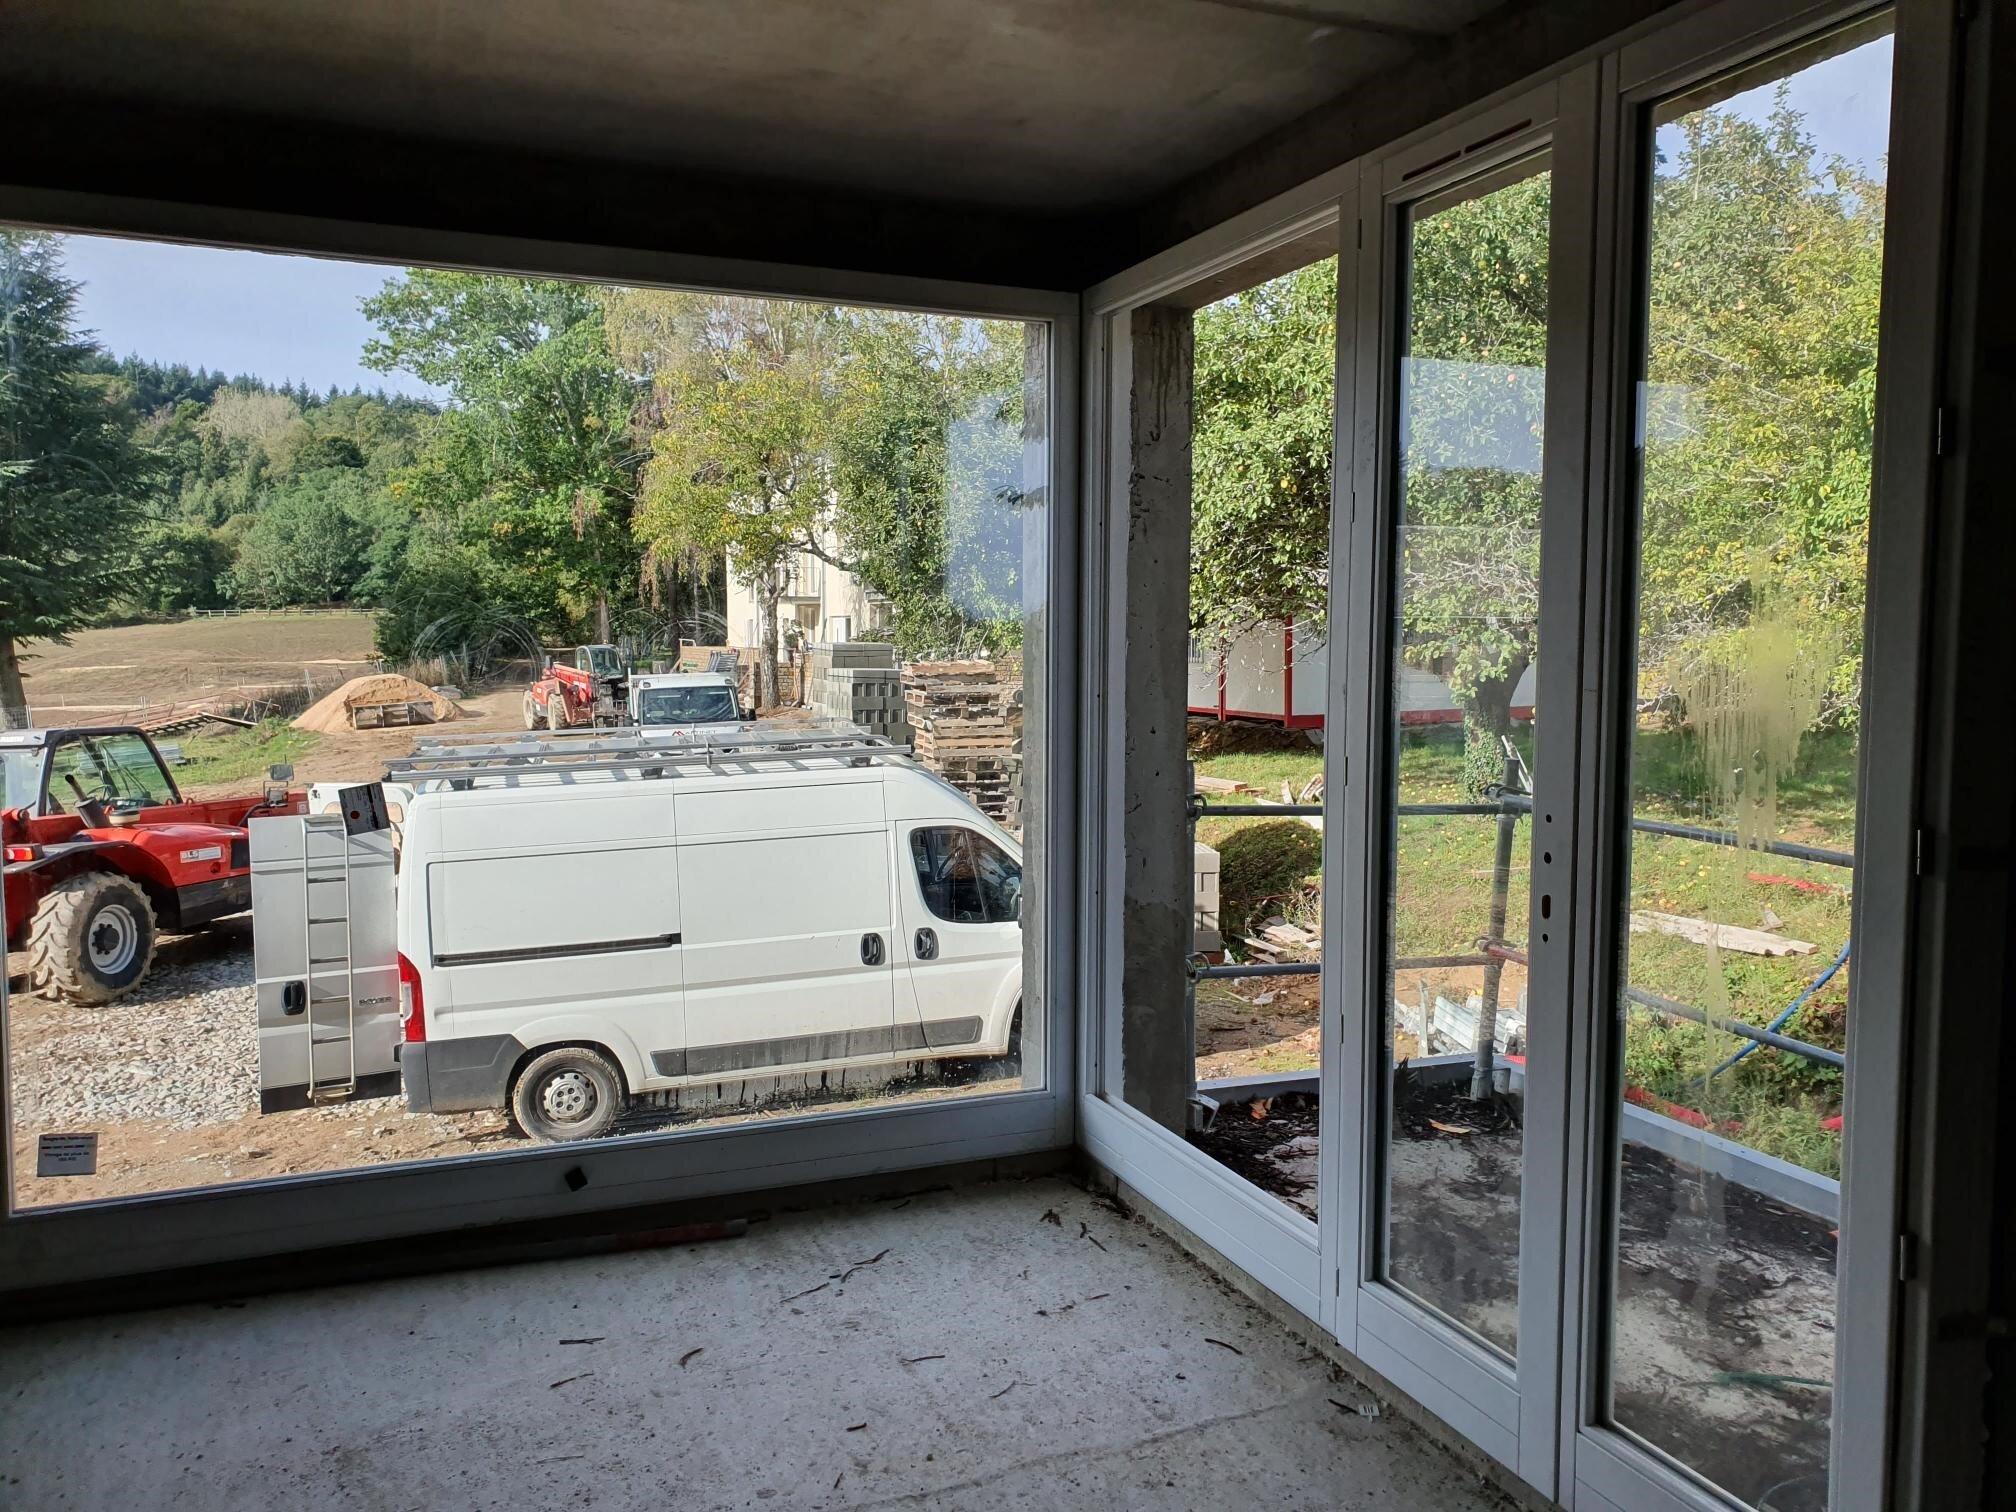 studi0 41 windows internal.jpg